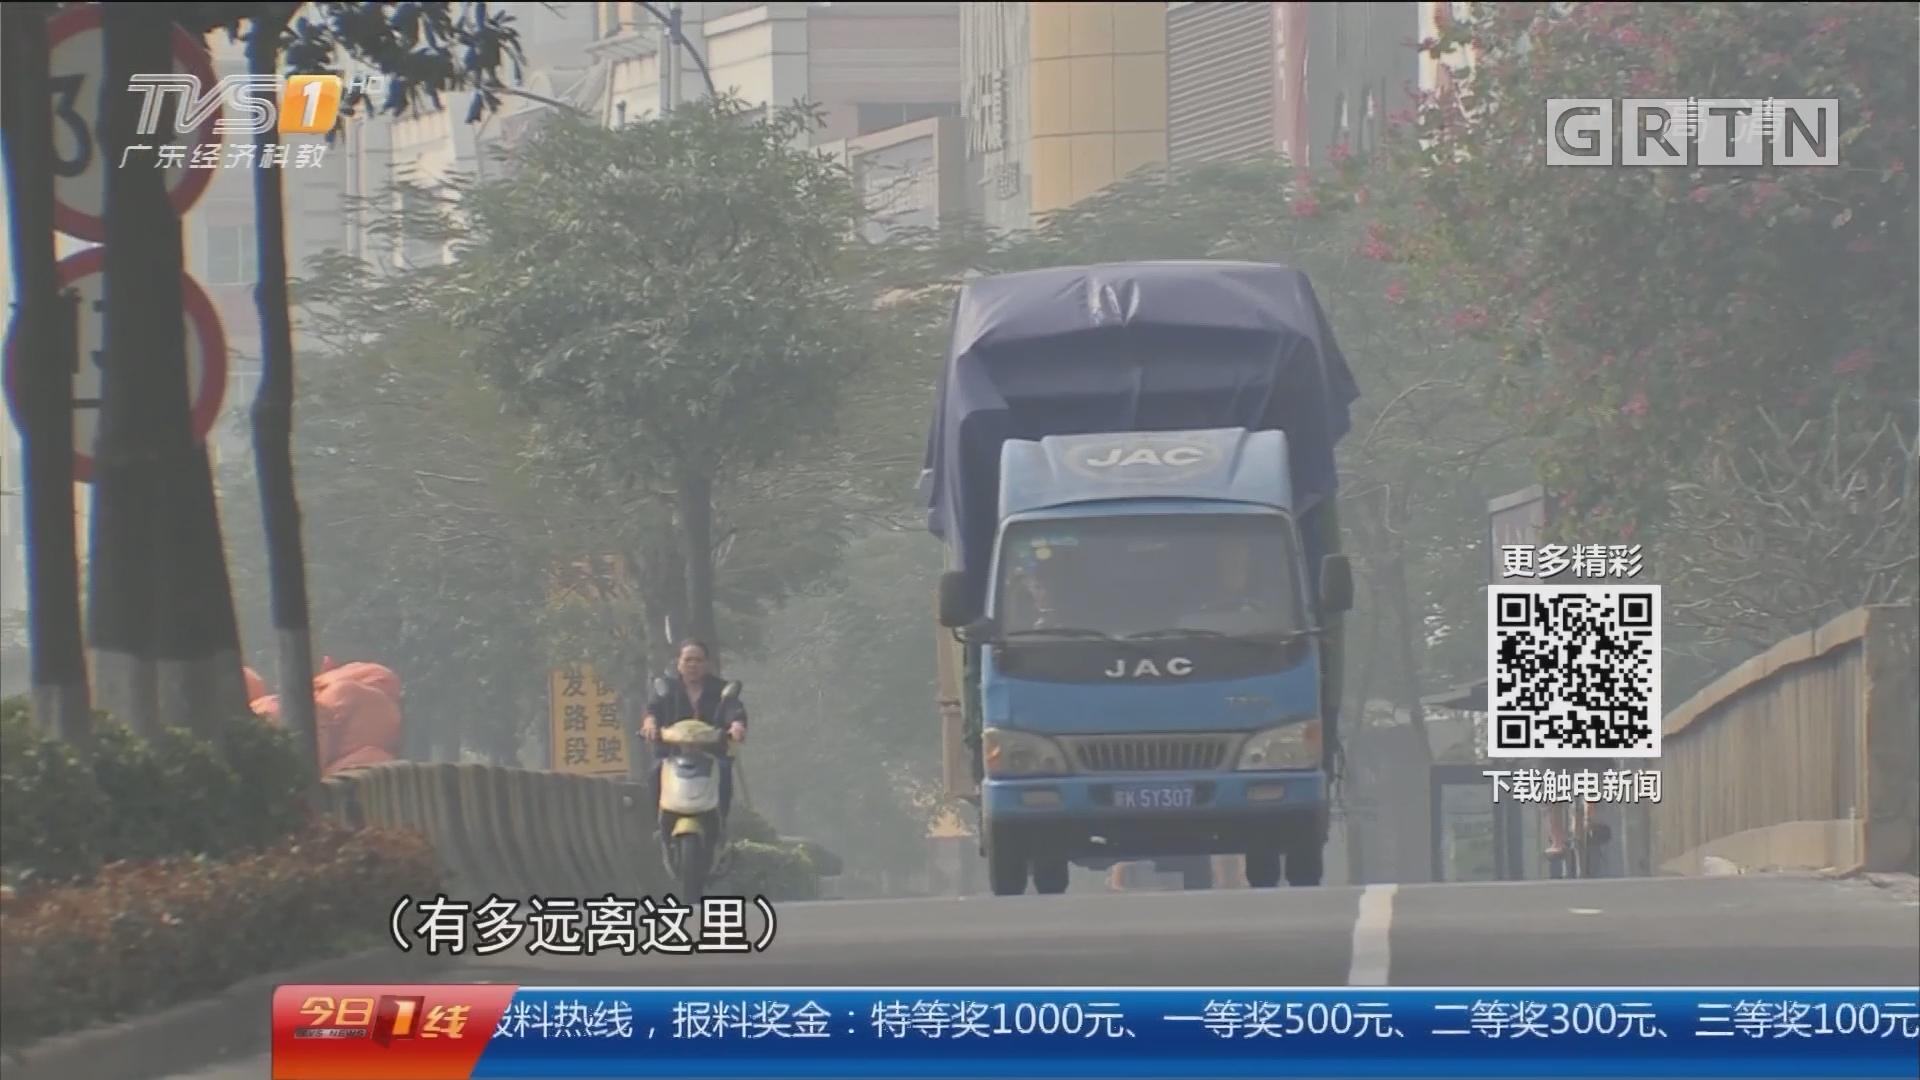 顺德龙江:因调头位远 货车逆行致两车相撞